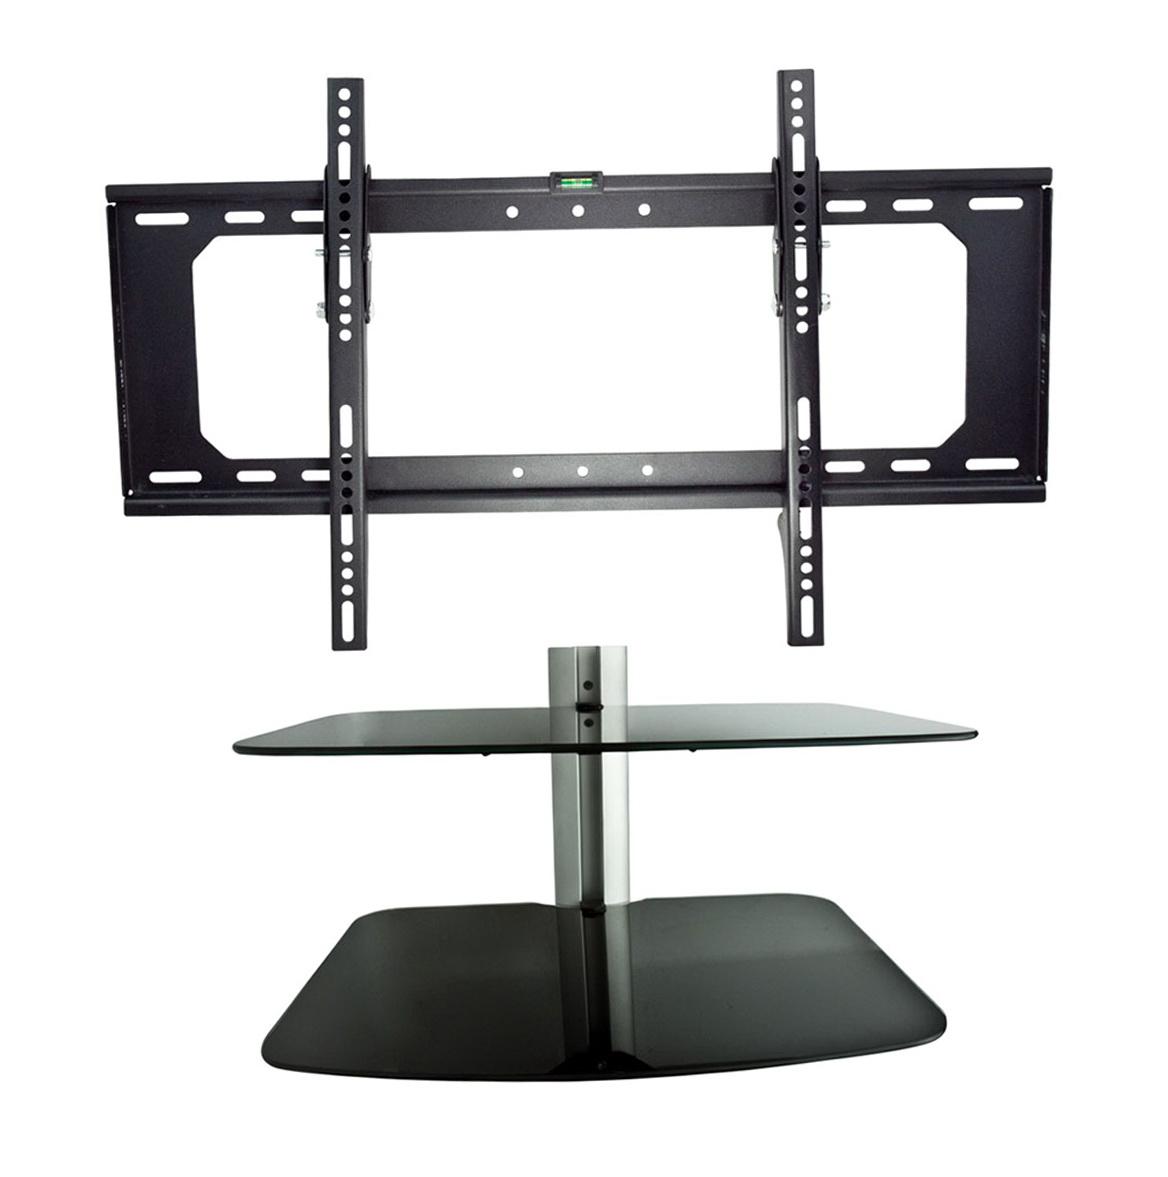 Stereo Shelves For Walls